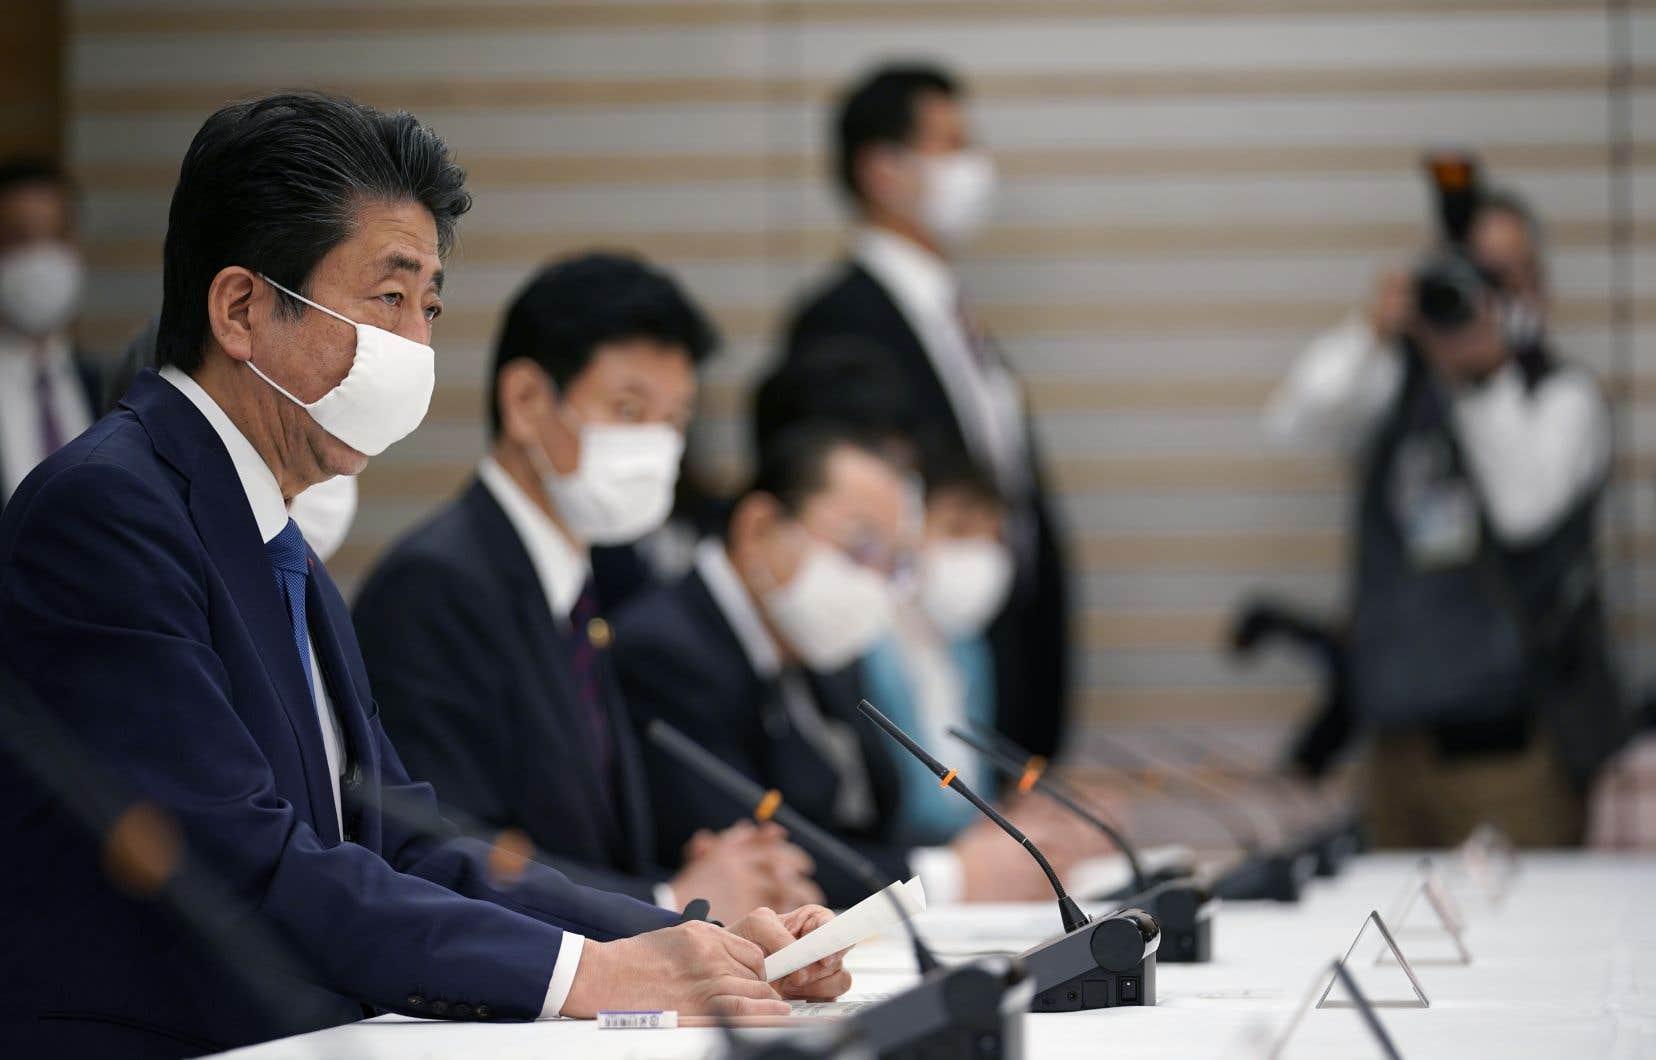 Le premier ministre japonais Shinzo Abe (à gauche) prend la parole lors d'une réunion au siège pour des mesures contre la nouvelle maladie à coronavirus, à Tokyo, le 6 avril 2020.